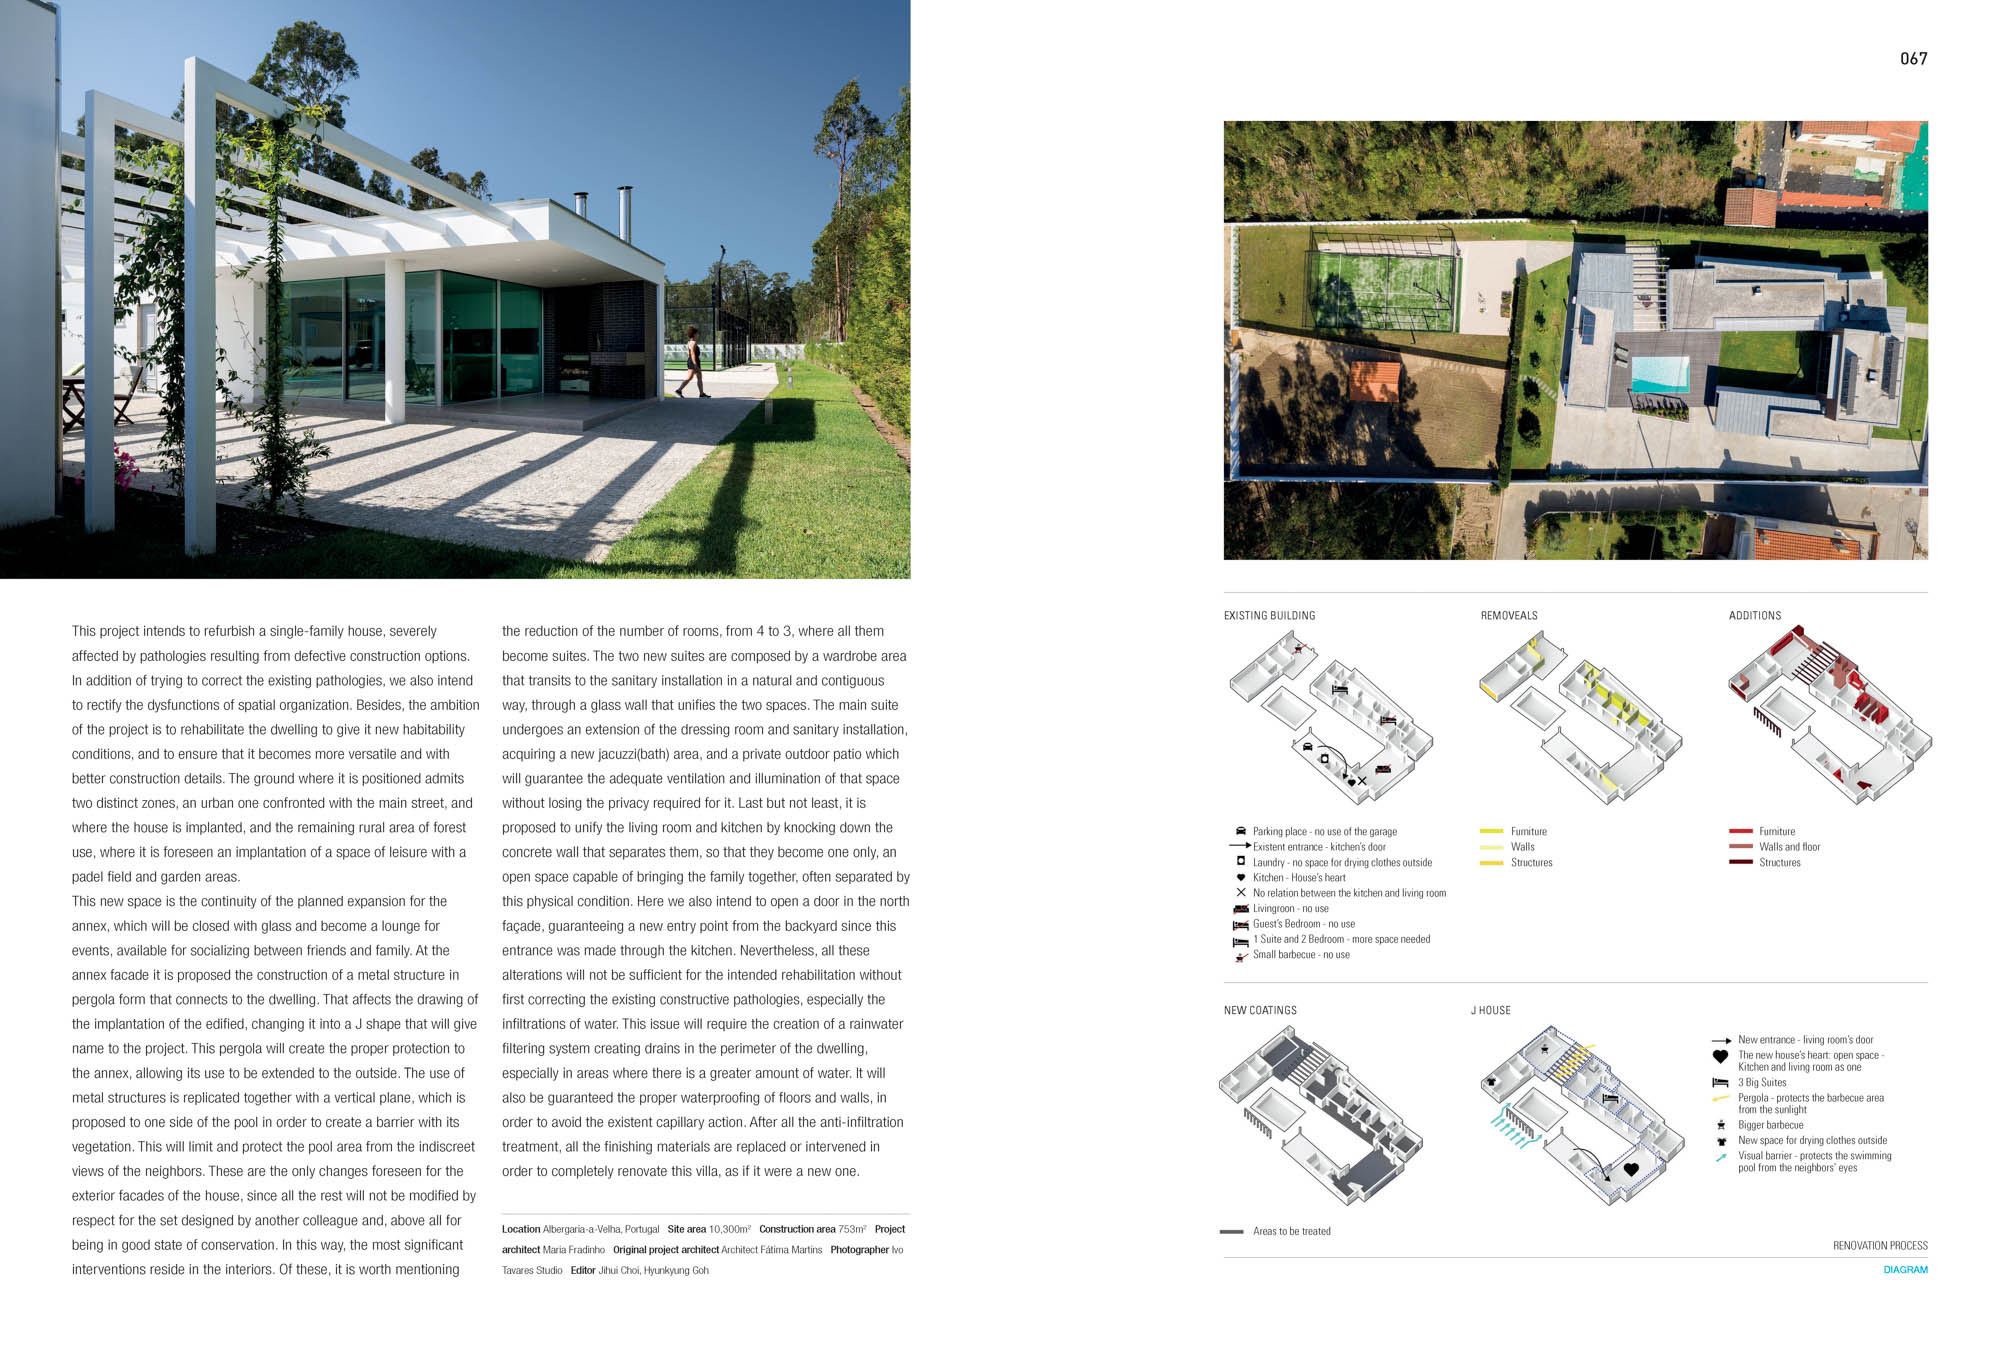 Casa J Em Albergaria Do Atelier Frari Arquitectos Publicado Na do fotografo Ivo Tavares Studio